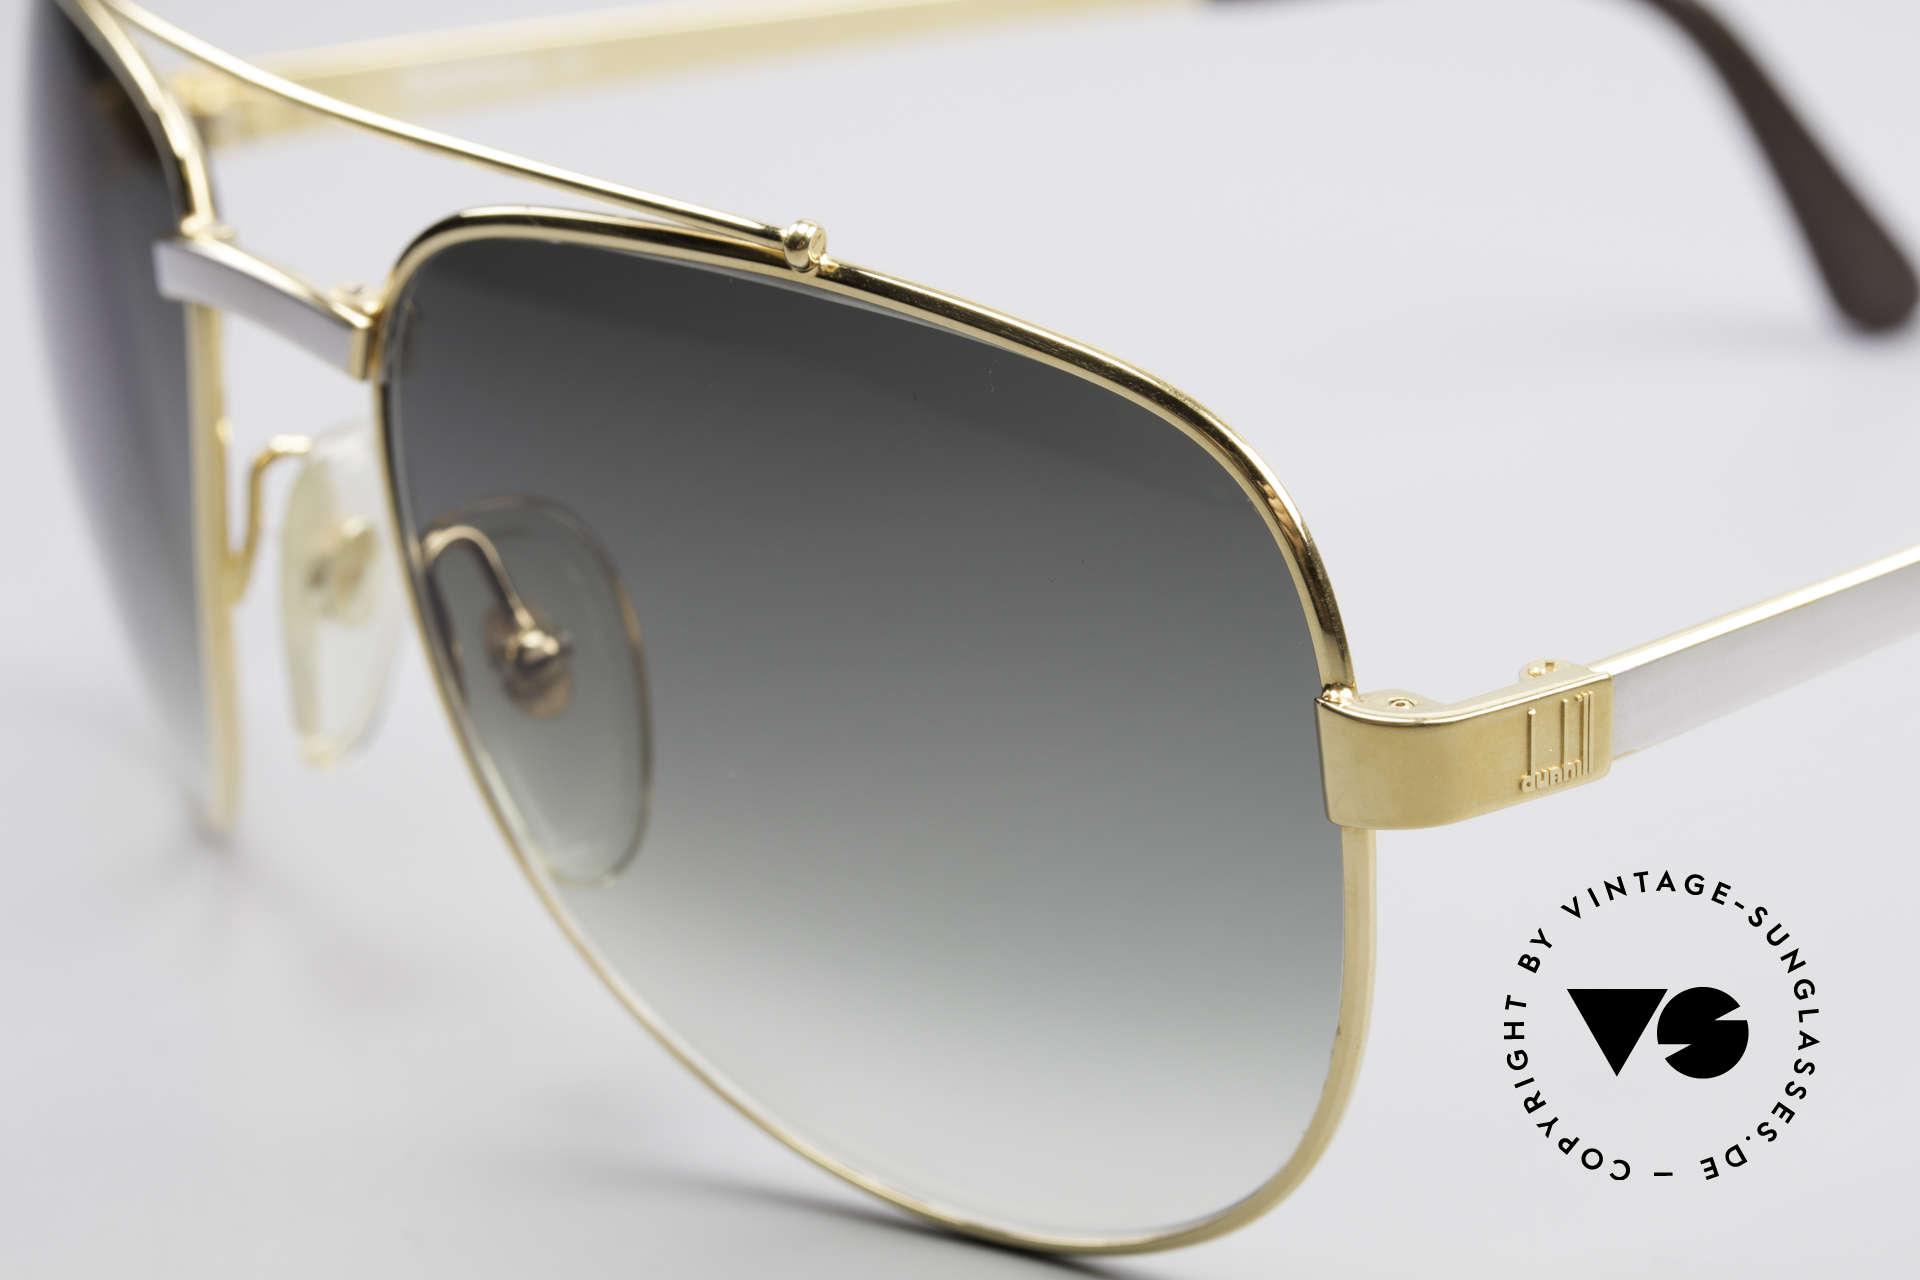 Dunhill 6029 Vergoldete Luxus Sonnenbrille, sehr eleganter Klassiker mit Aston Martin Etui, Passend für Herren